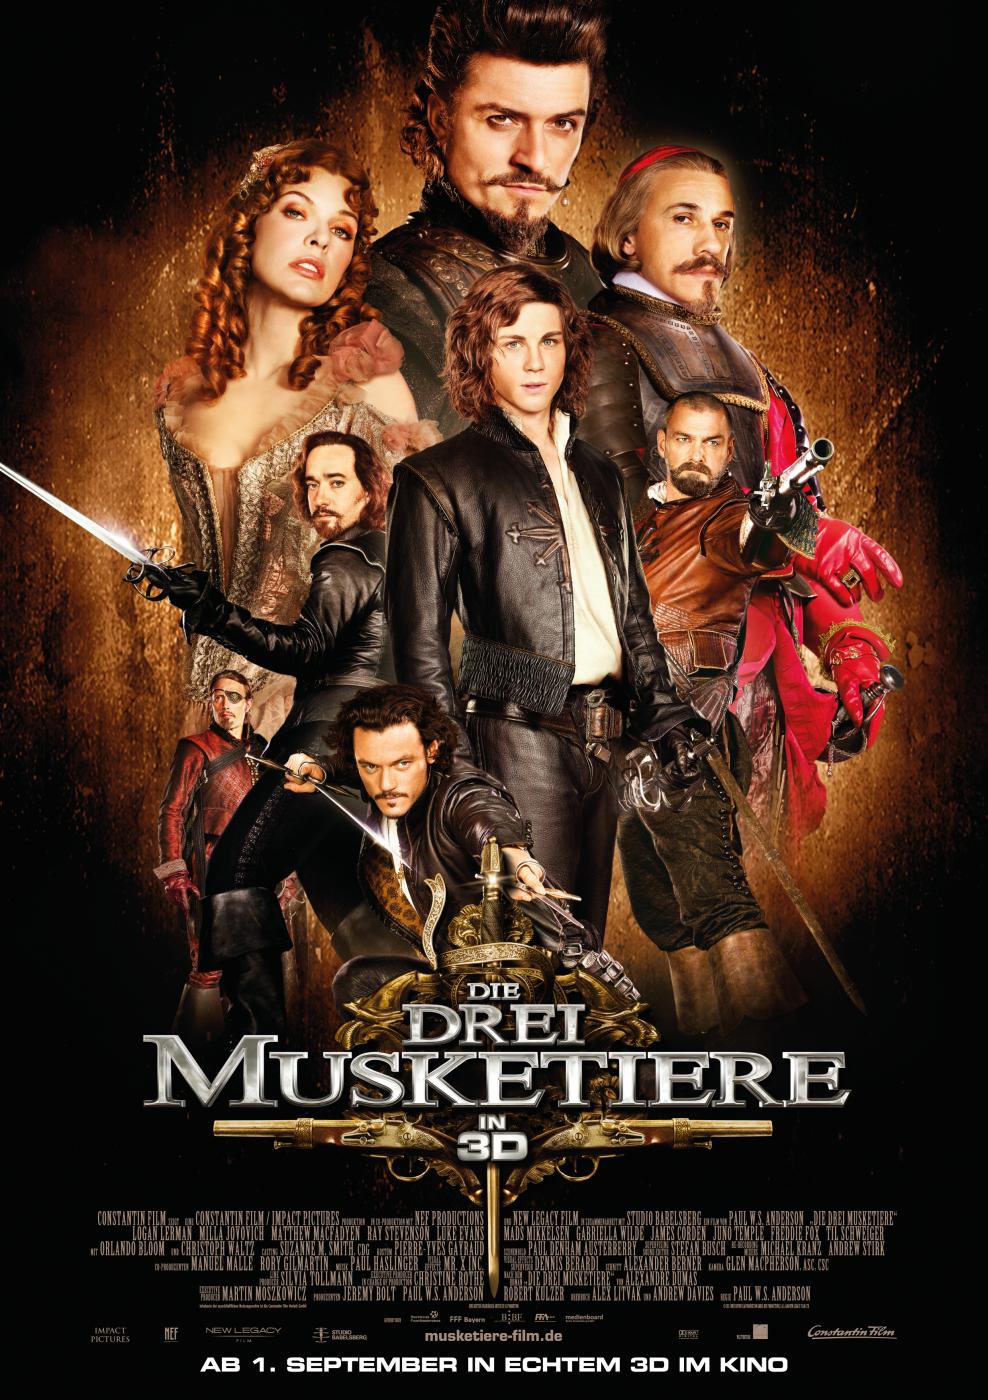 Die 4 Musketiere